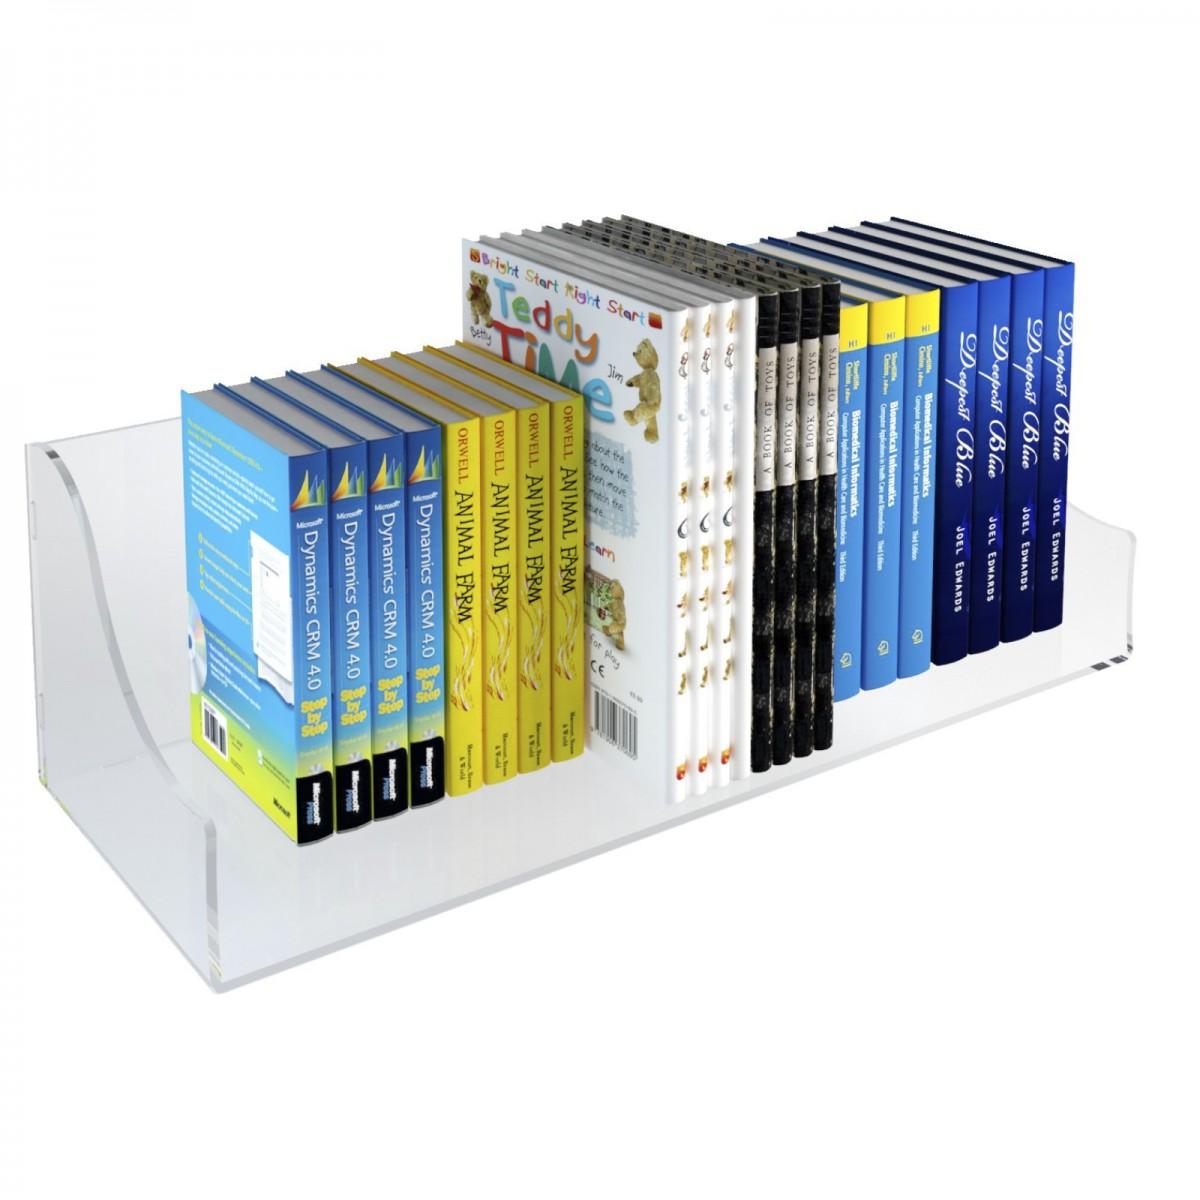 E-430 ELB-B - Mensola porta libri in plexiglass trasparente